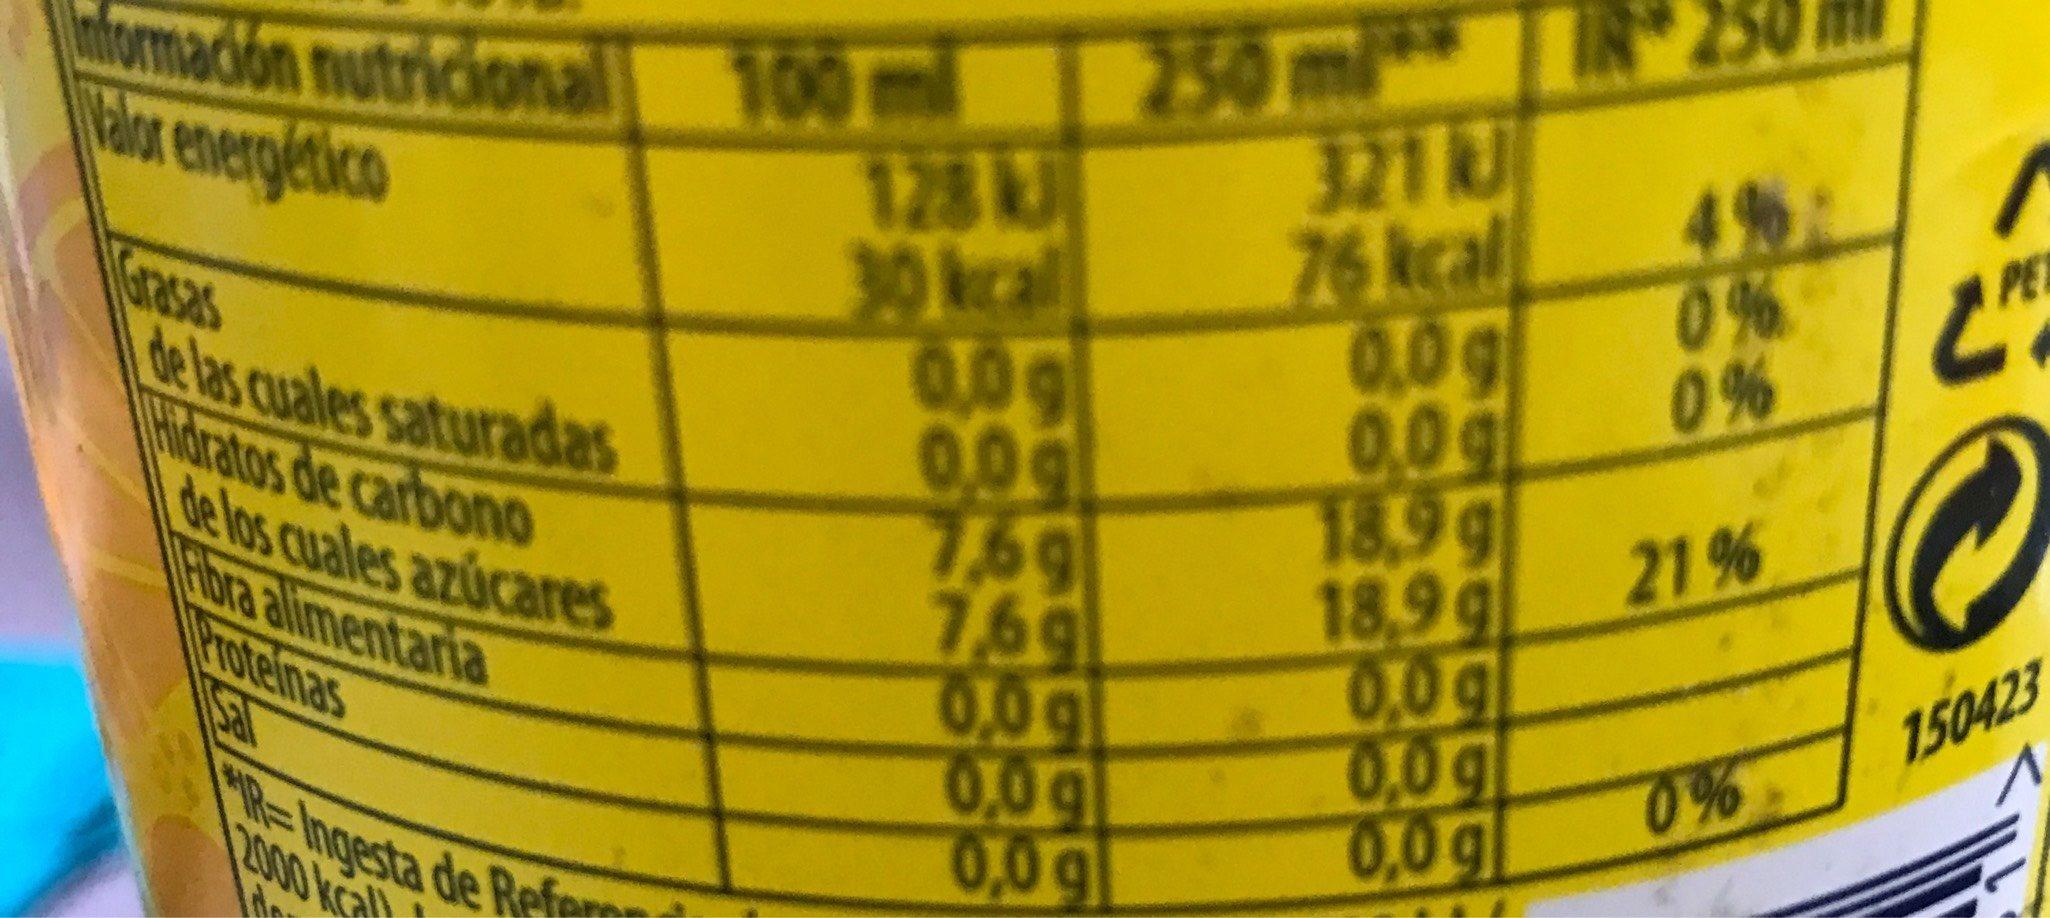 Refresco de limón - Información nutricional - es